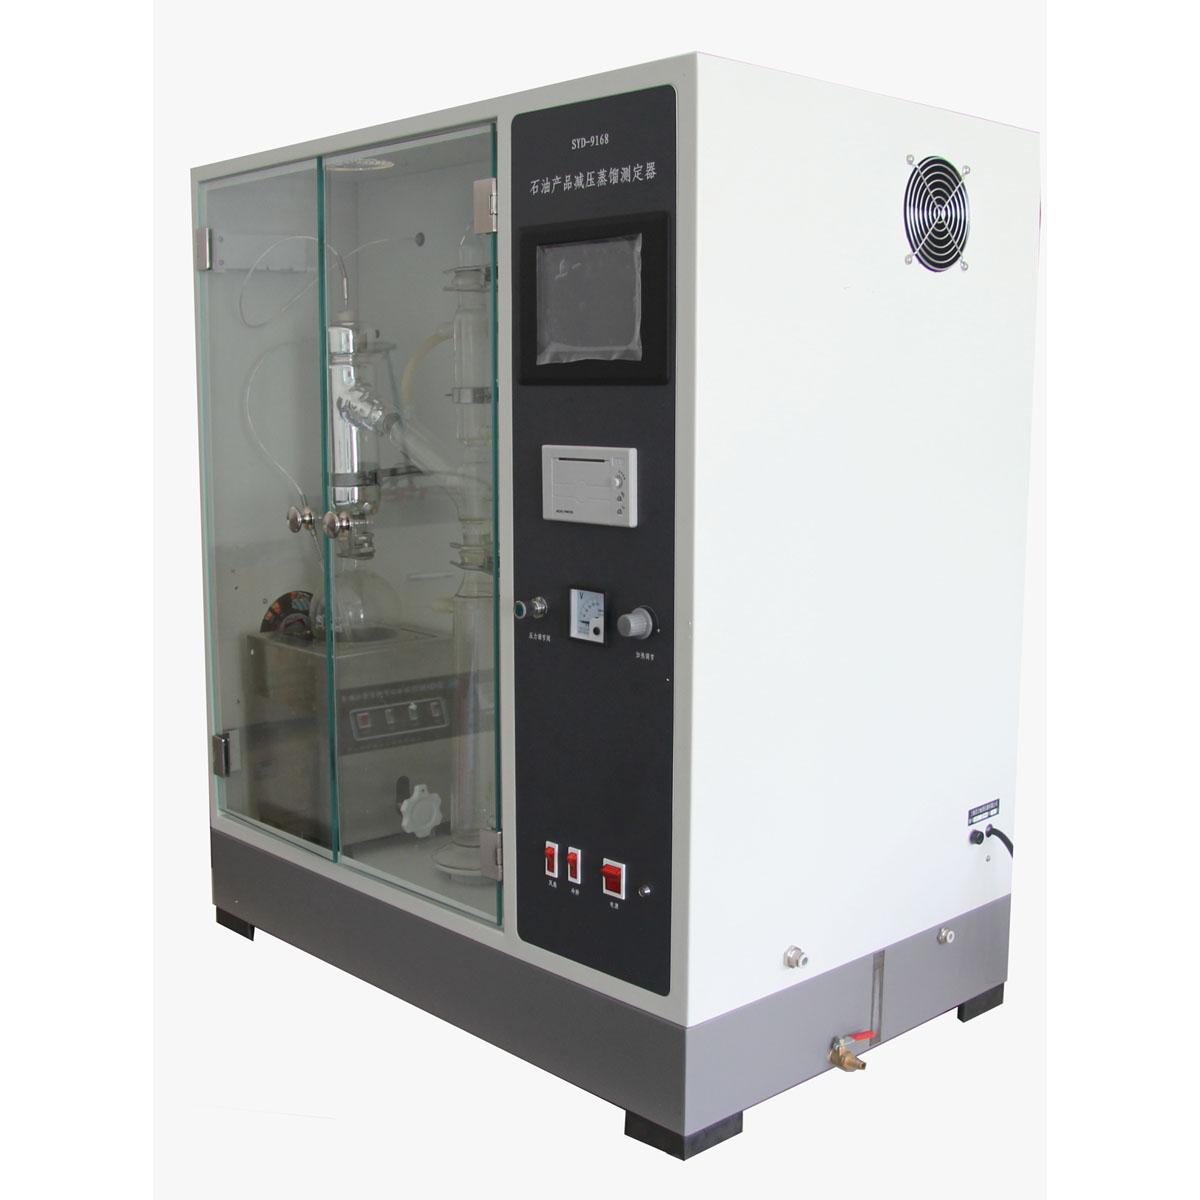 SYD- 9168 aparelho de vácuo Destilação